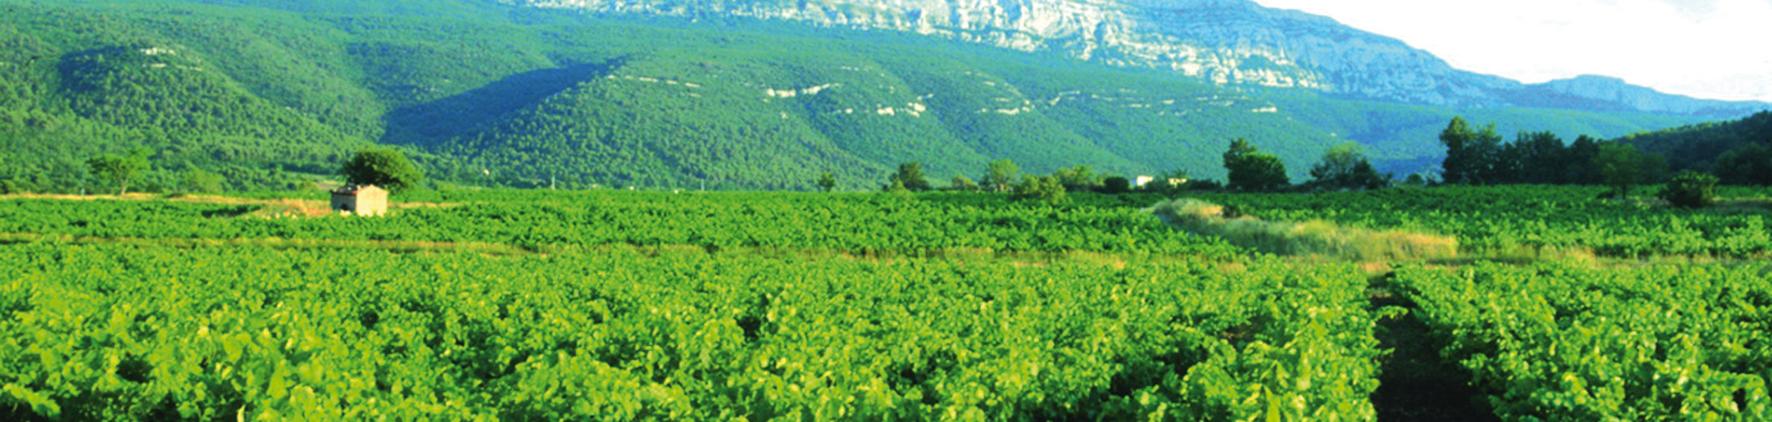 vignerons de la ste baume vigne copie